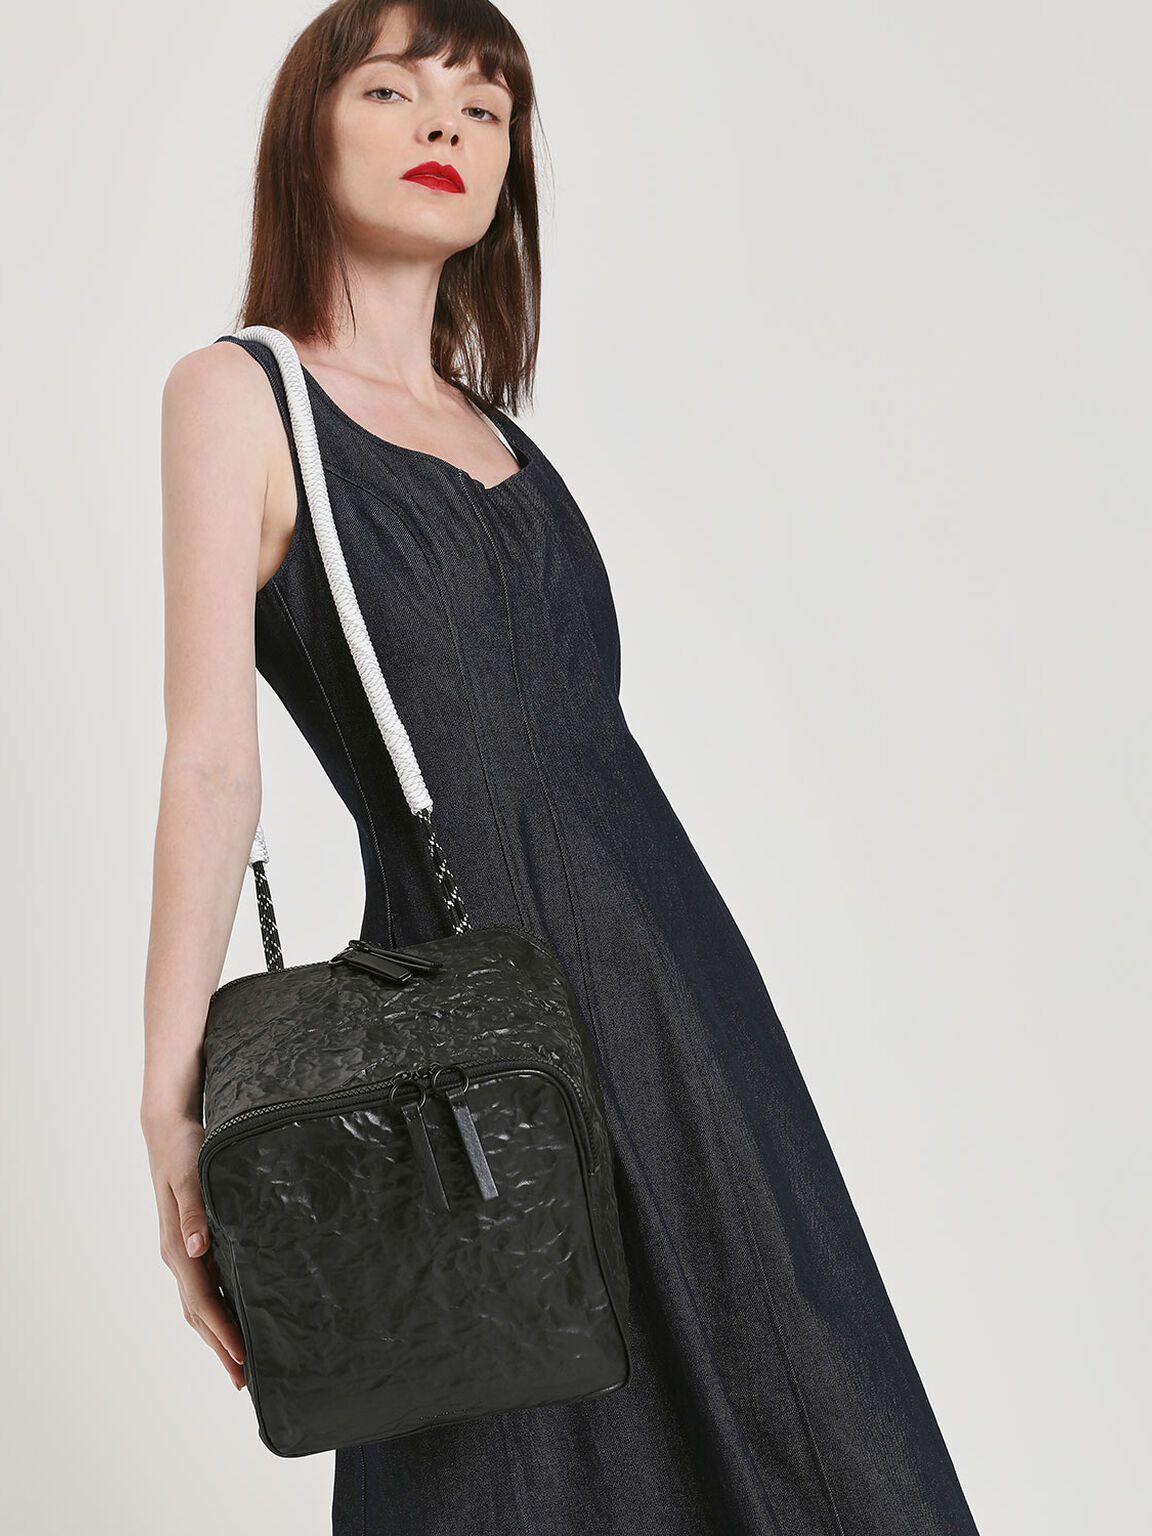 Rope Handle Wrinkled Effect Backpack, Black, hi-res